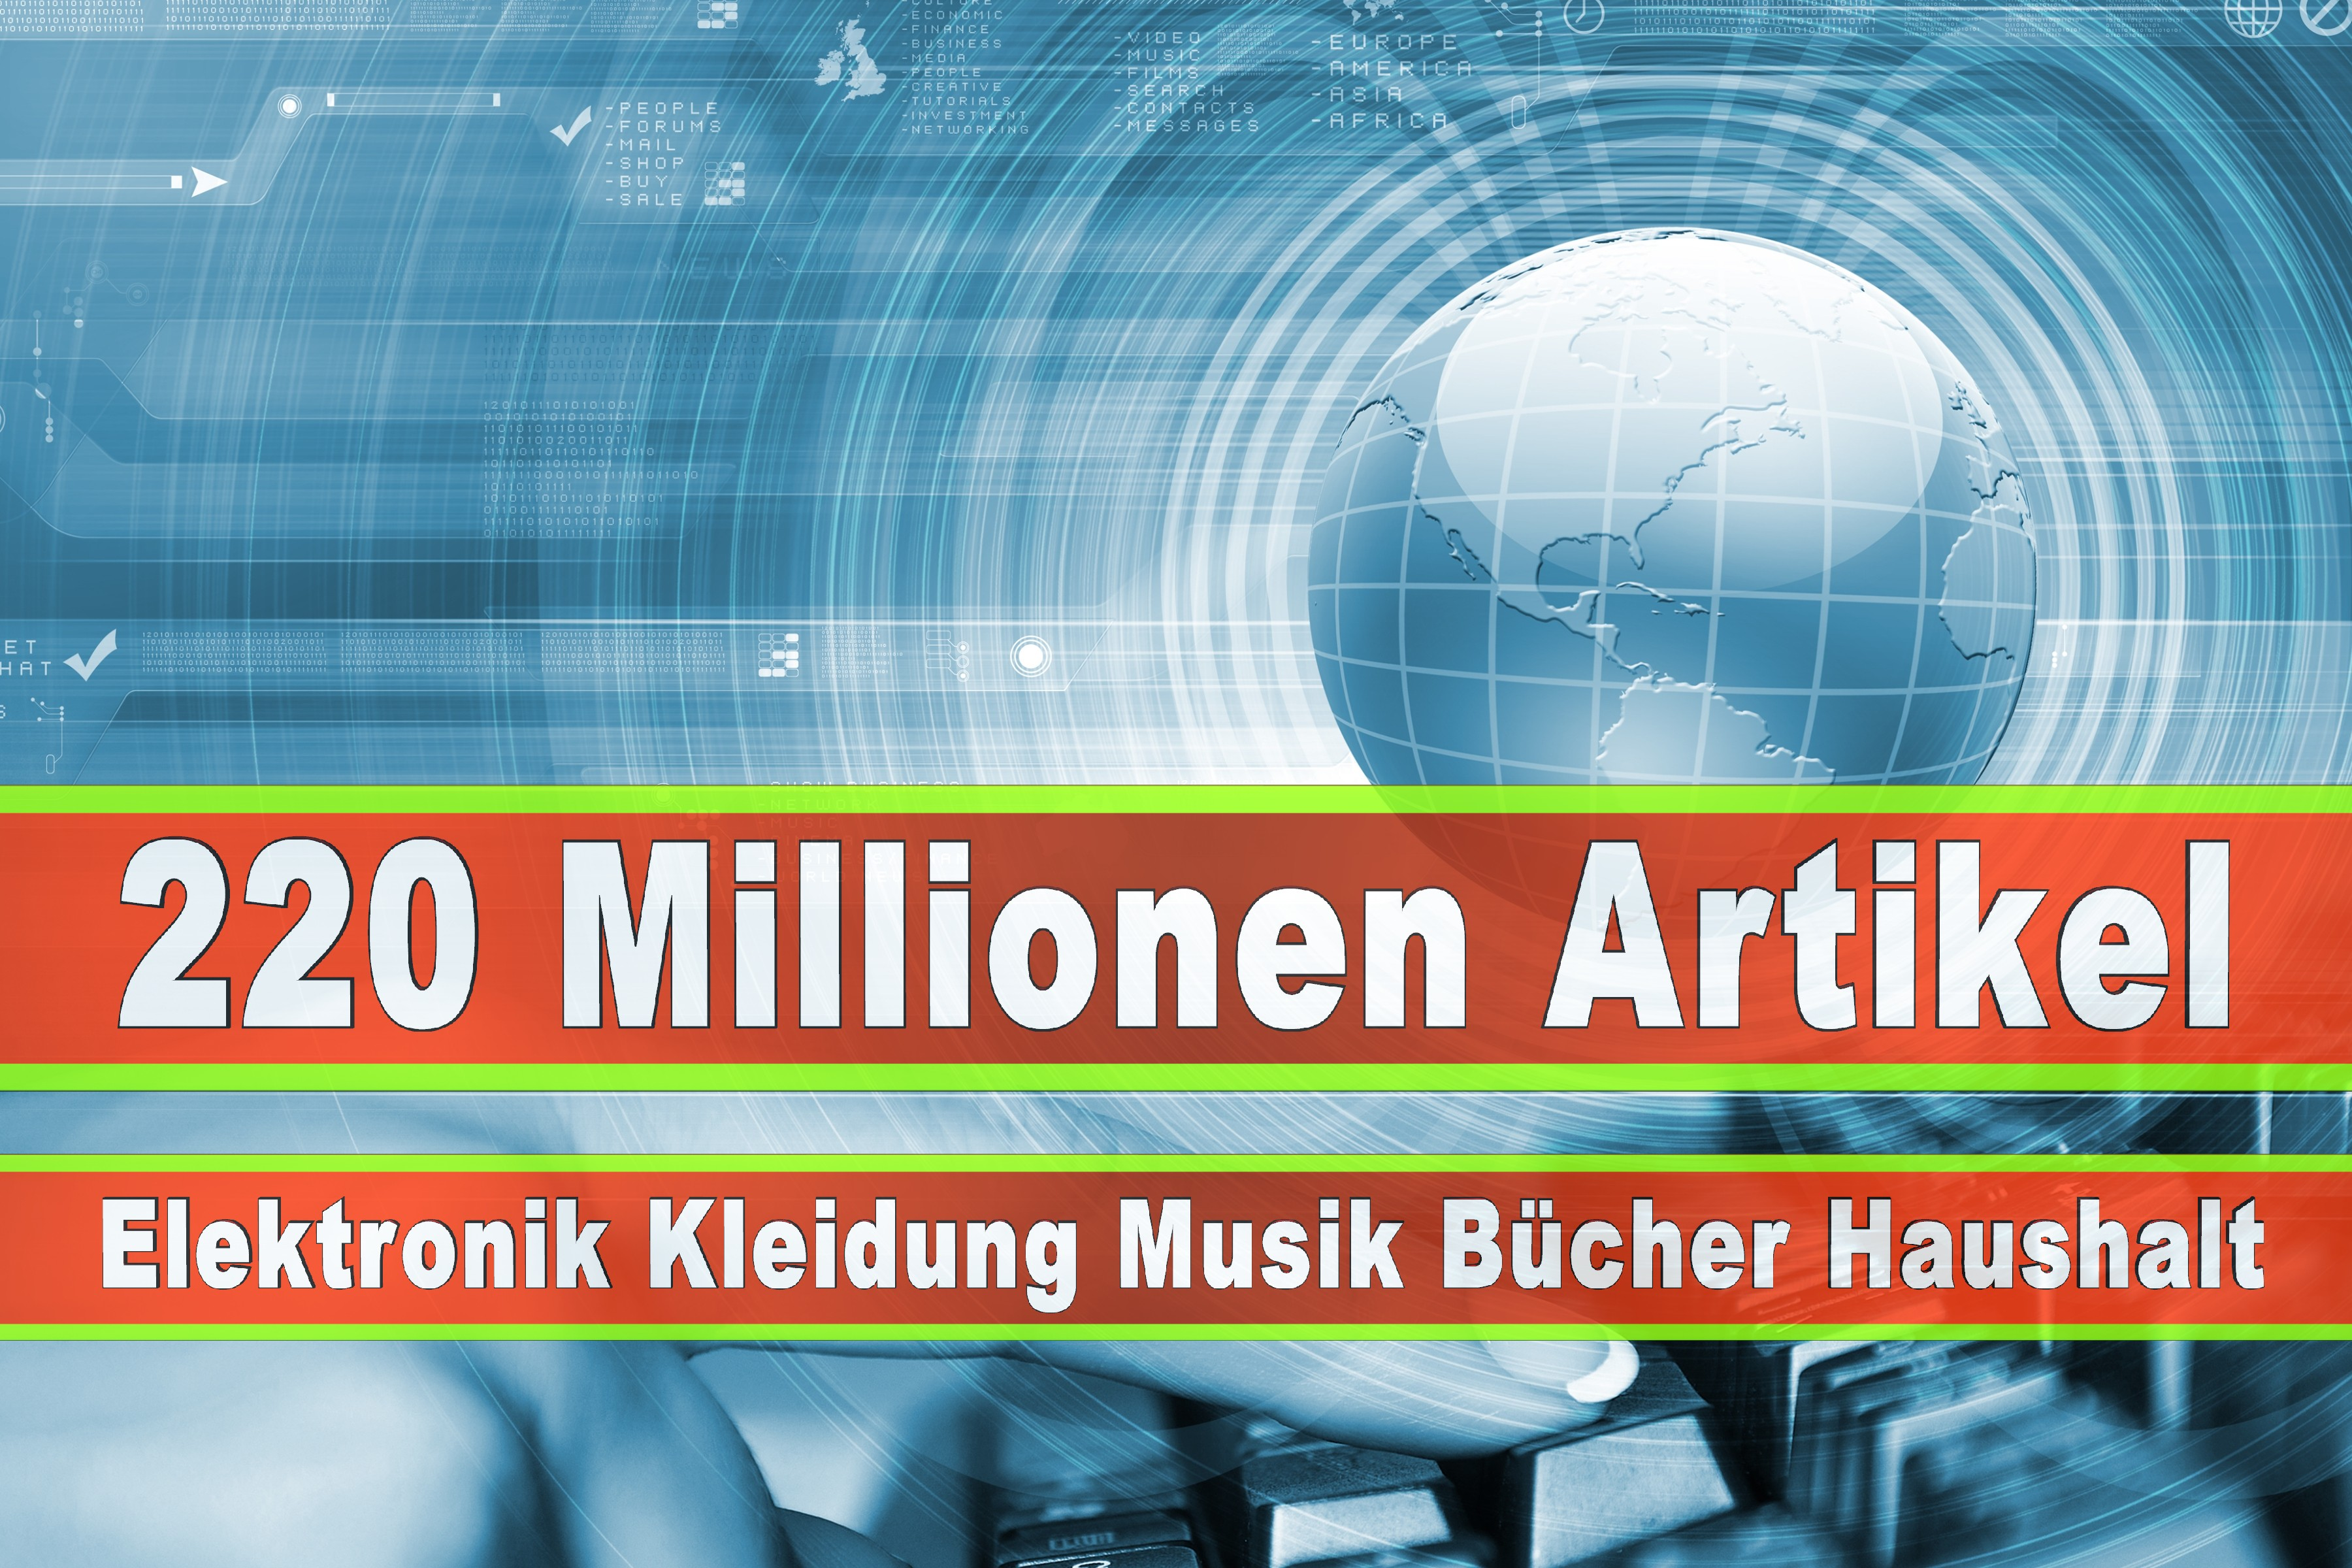 Amazon Elektronik Musik Haushalt Bücher CD DVD Handys Smartphones TV Television Fernseher Kleidung Mode Ebay Versandhaus (104)